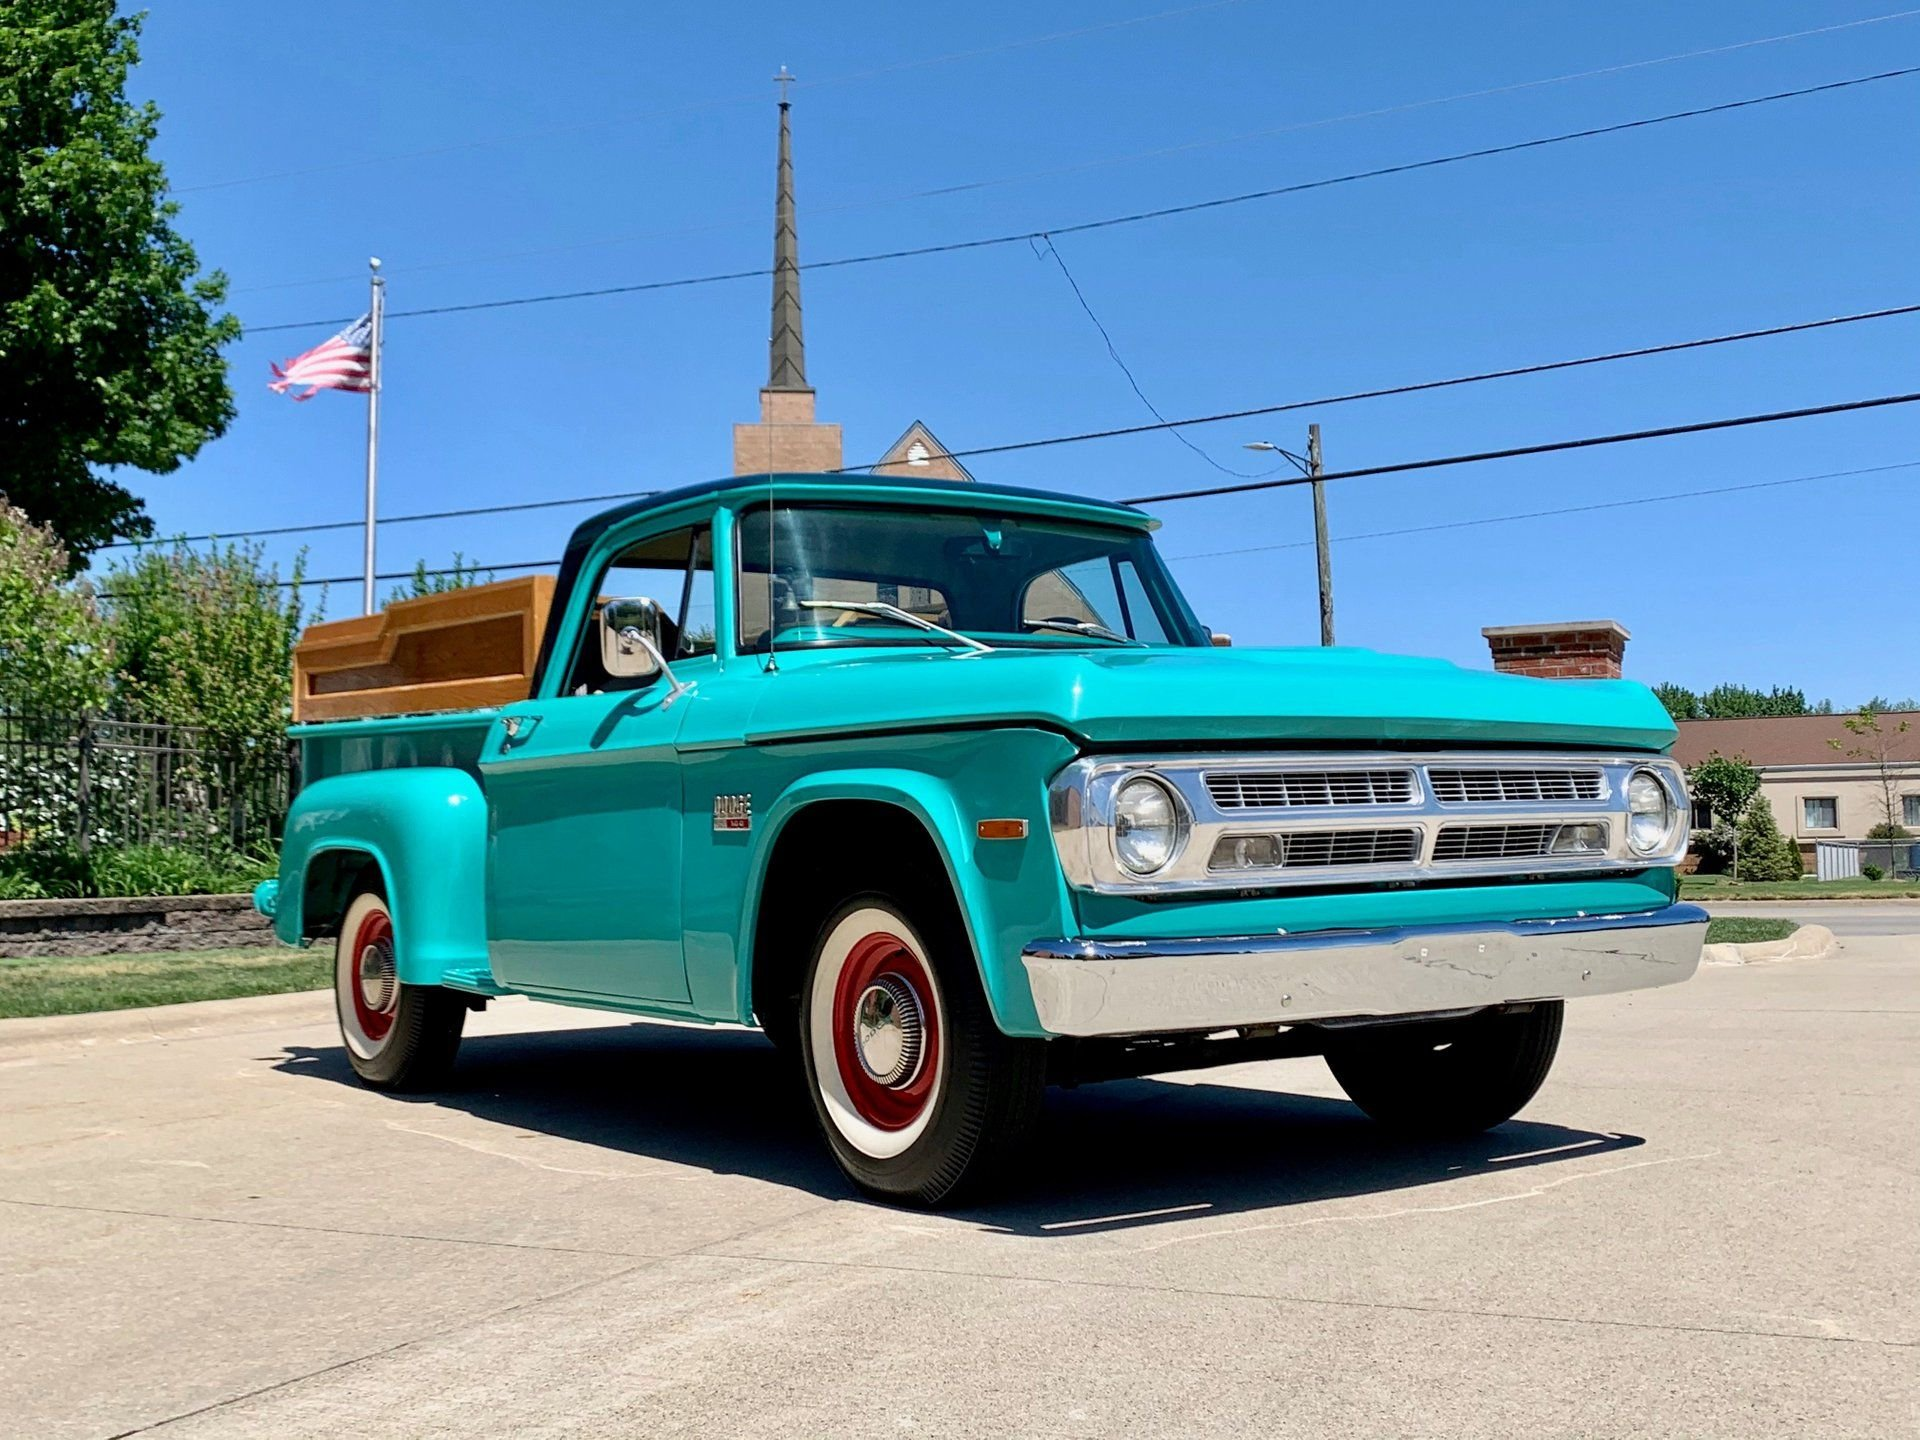 1970 dodge d100 swb stepside pickup